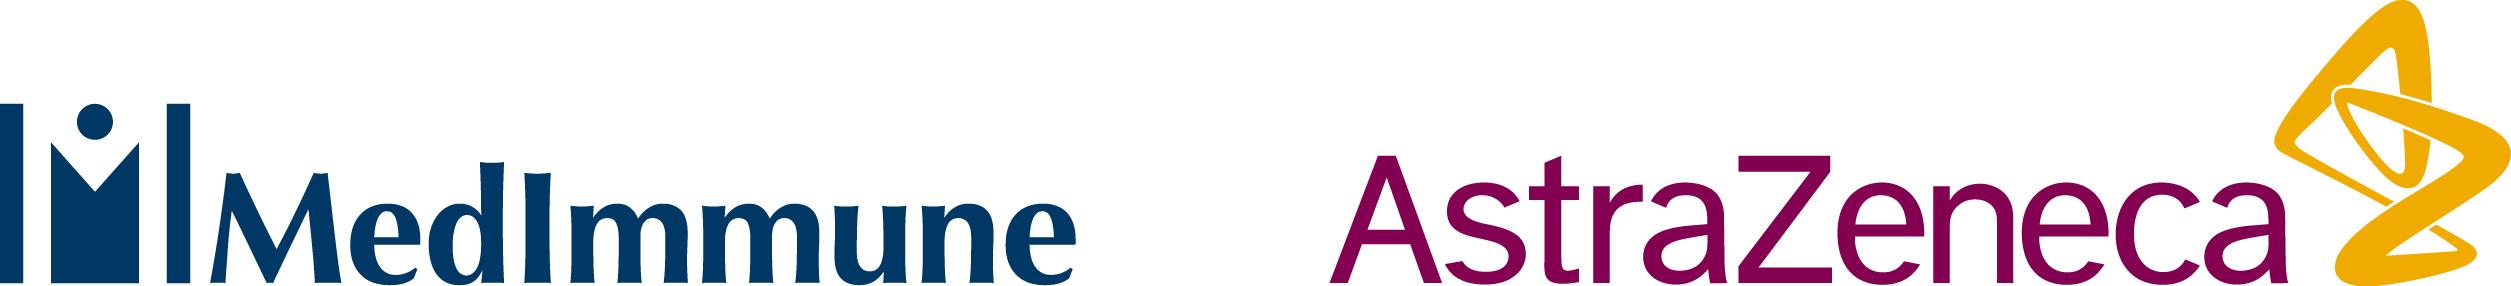 AZ MedImmune logo